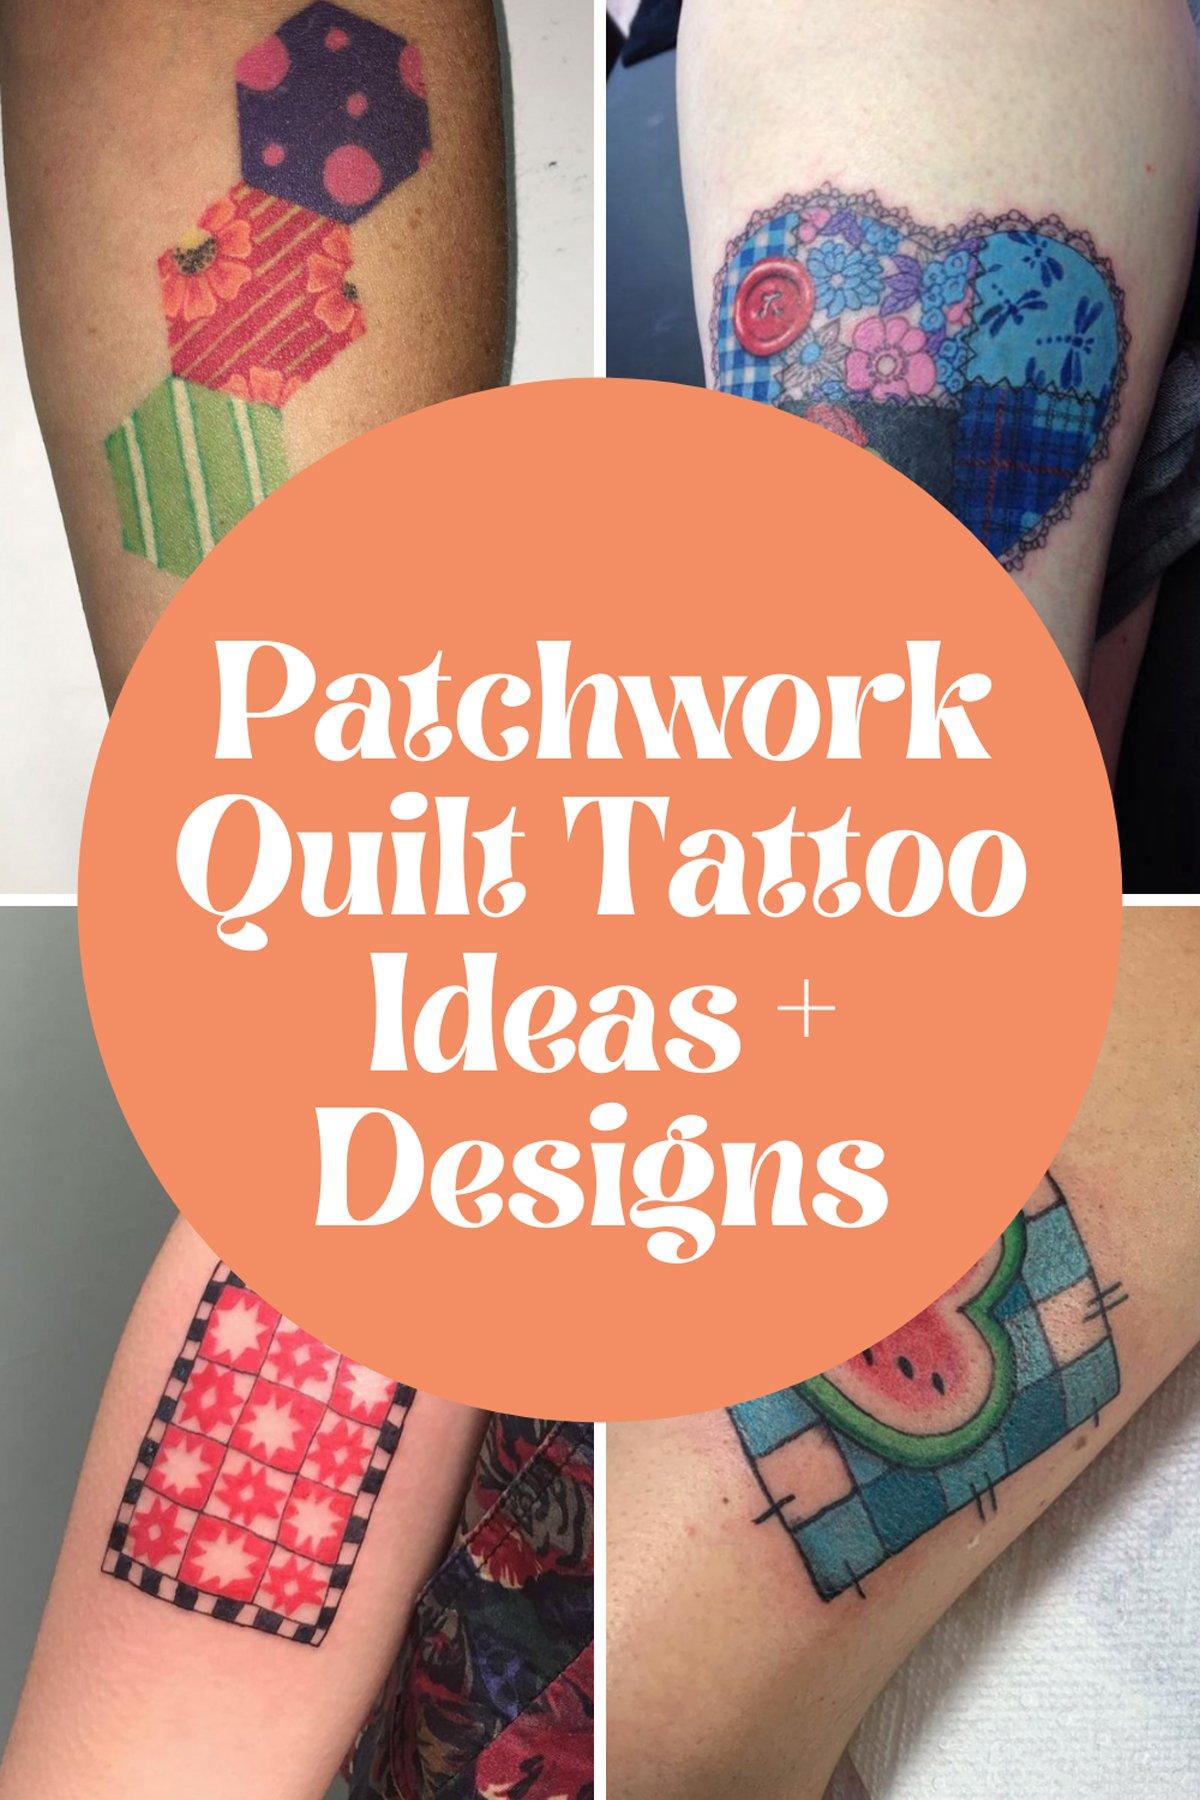 Quilt Tattoo Ideas